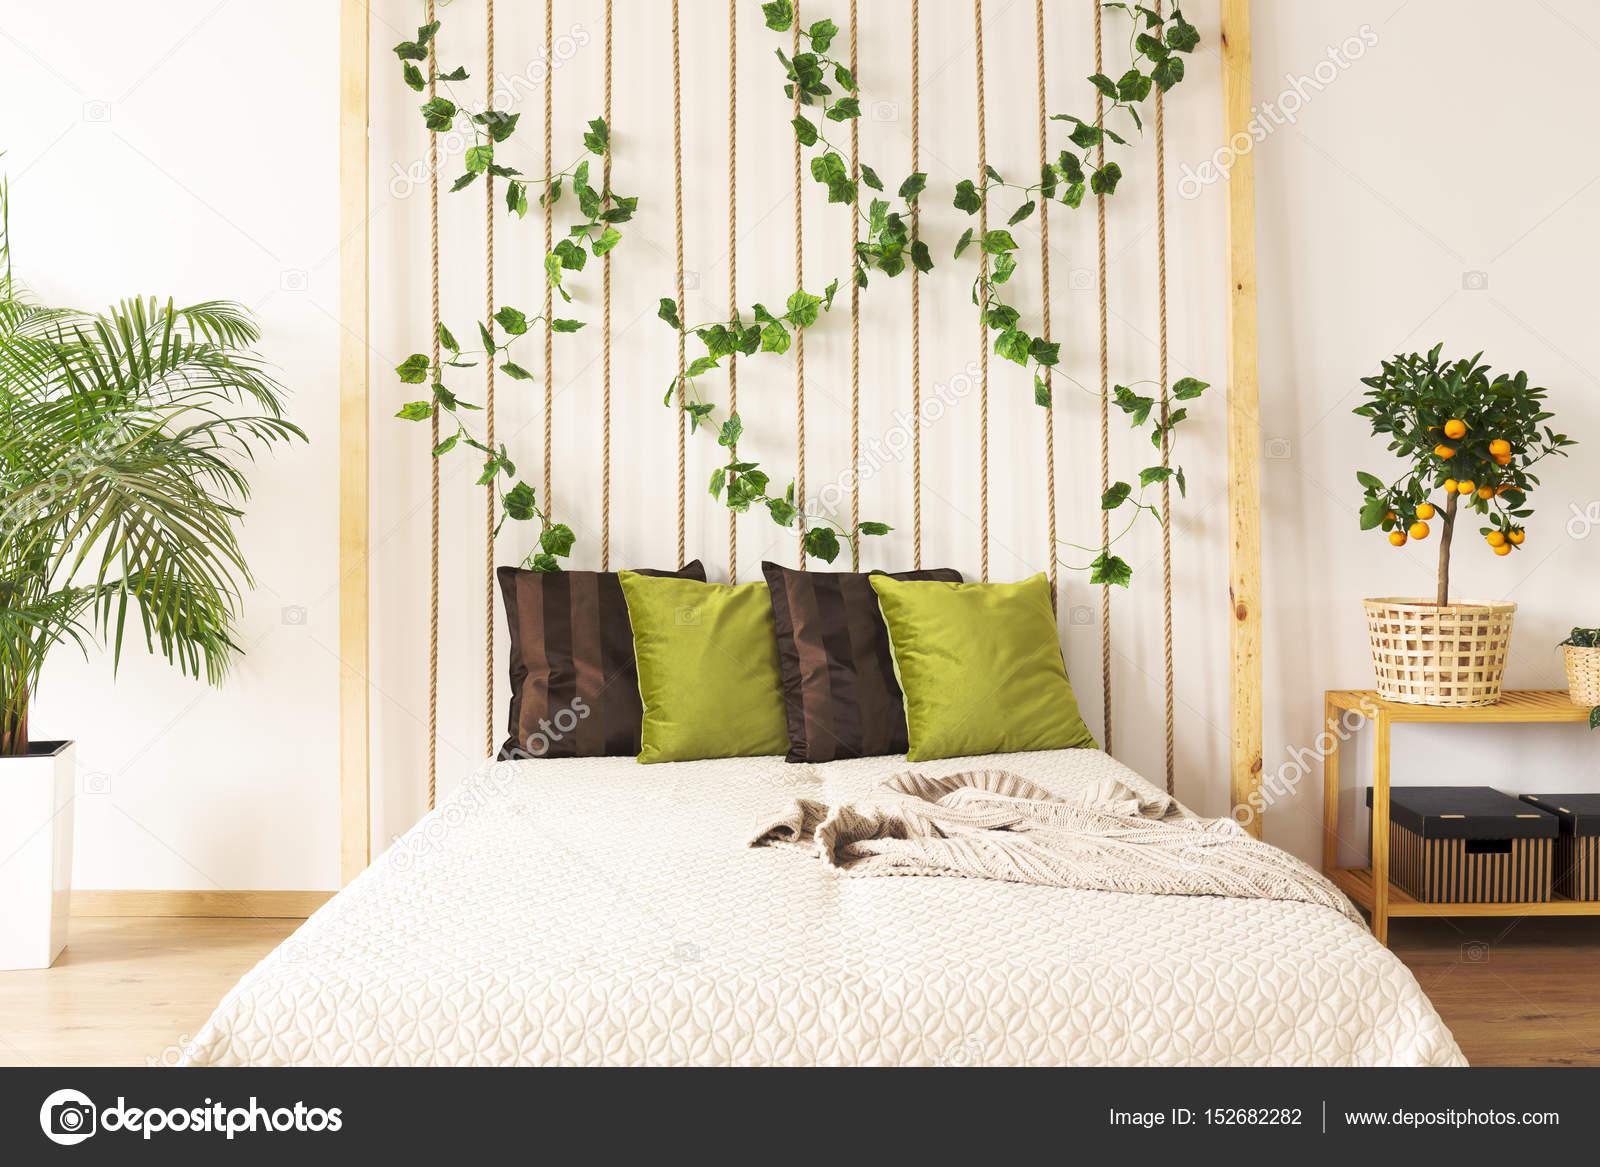 Camera da letto con parete della corda fai da te — Foto Stock ...